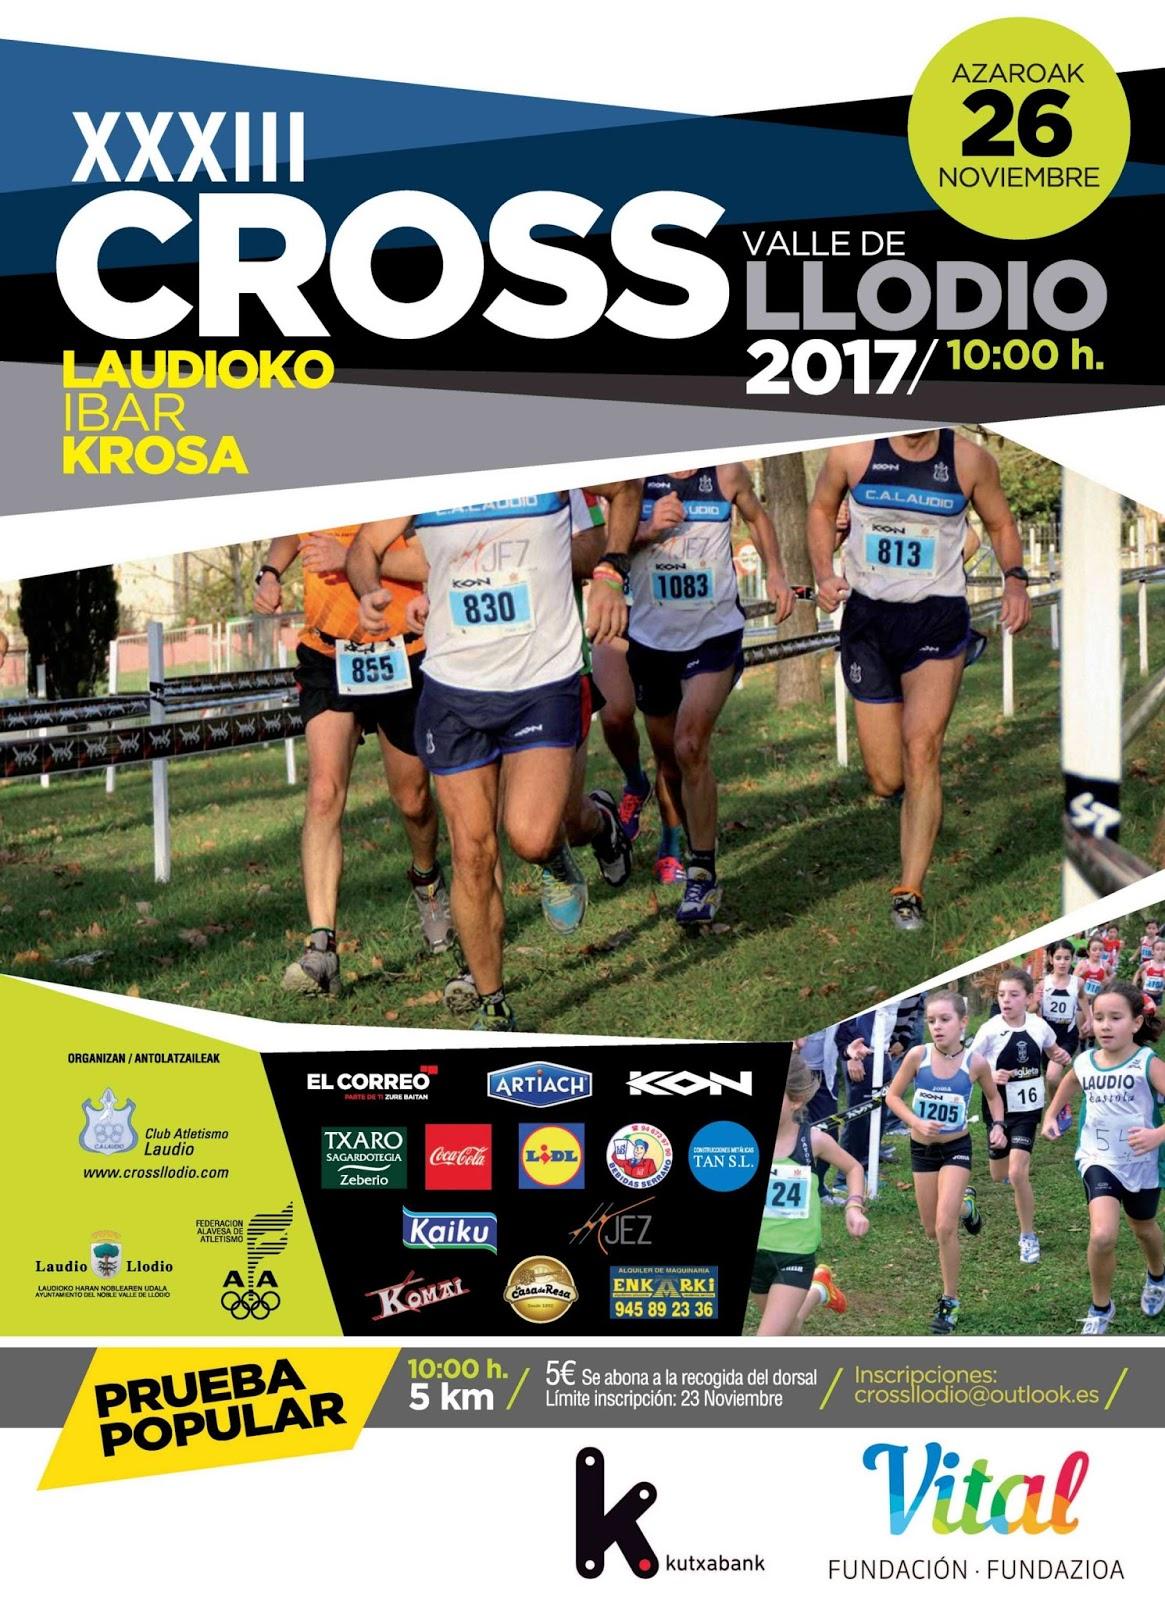 cross llodio 26n17